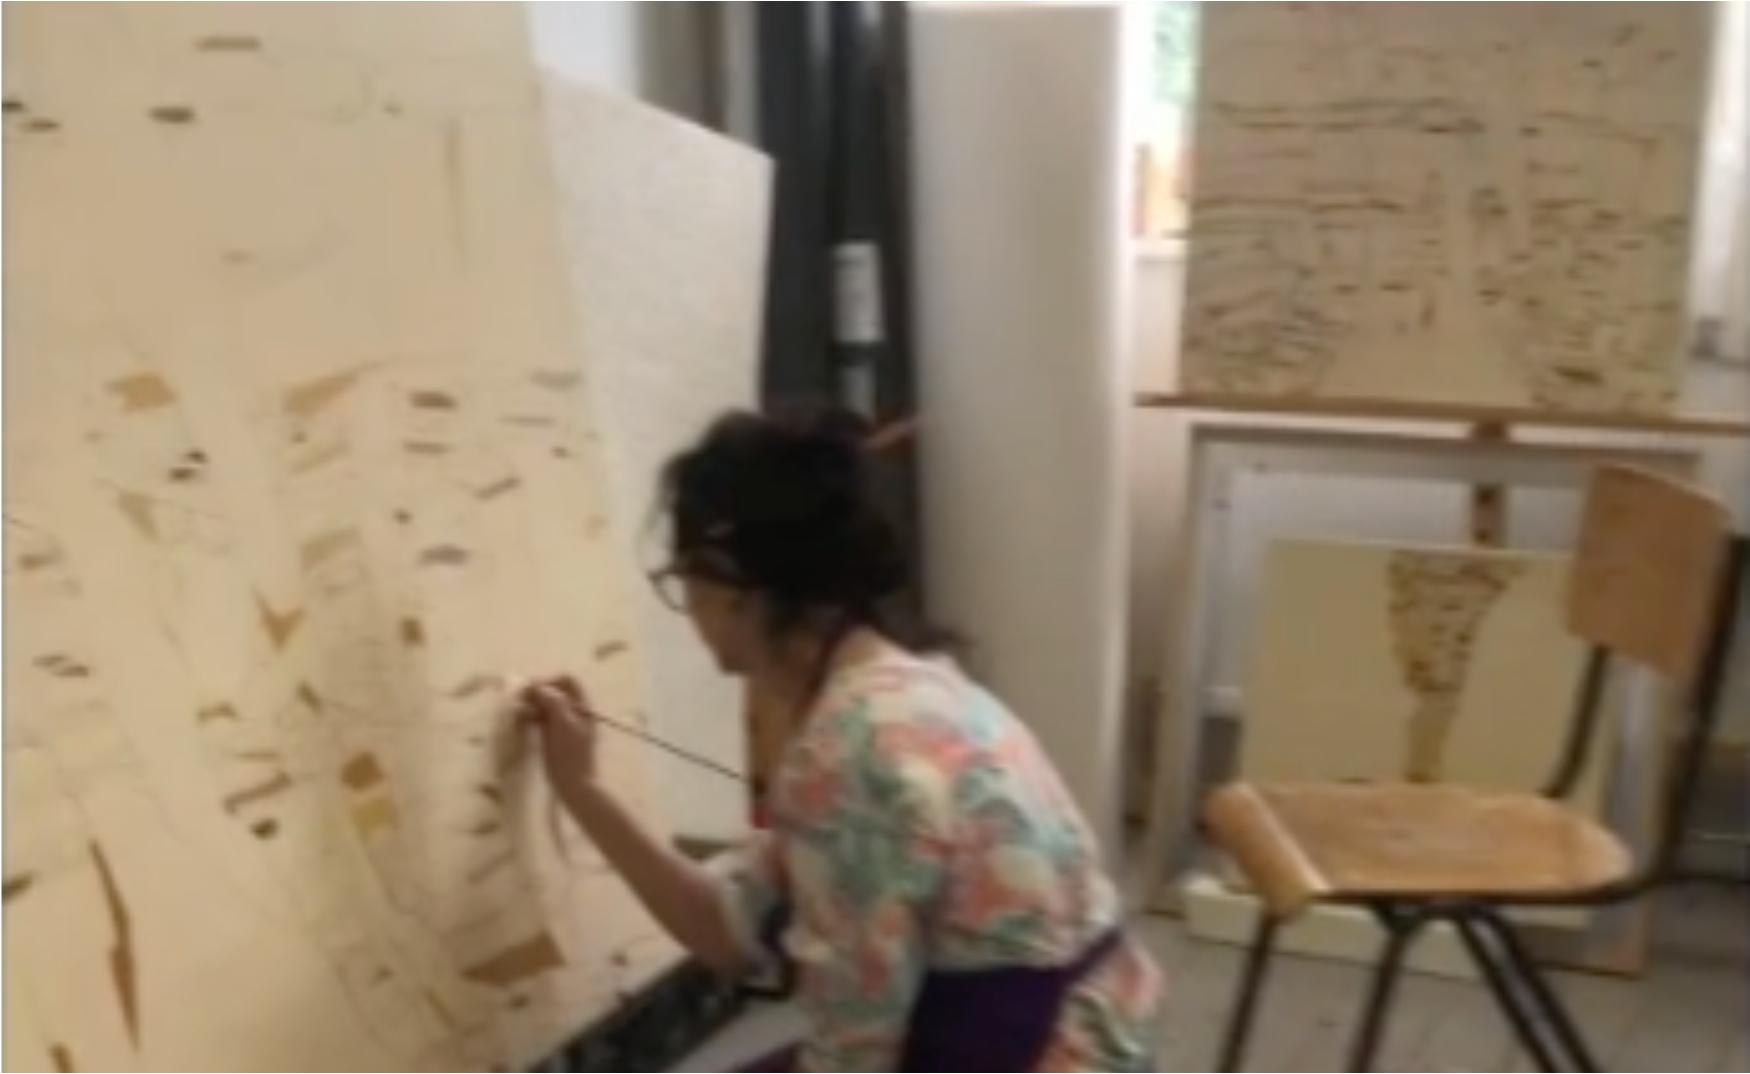 Irene Kopelman   Studio Visit, 2020